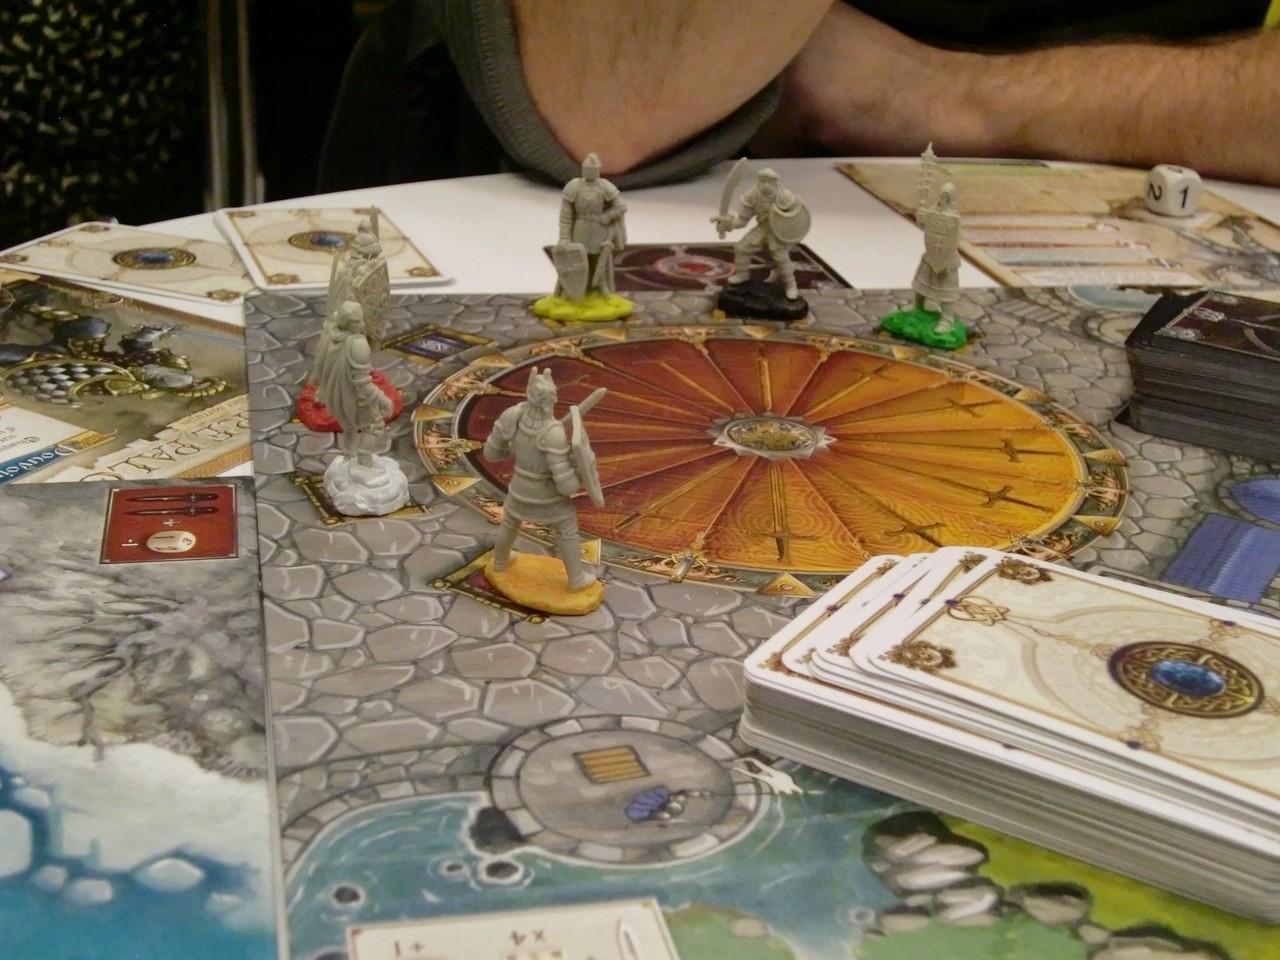 autour de la Table Ronde, six chevaliers sont réunis (y'a-t-il un félon parmi eux?)